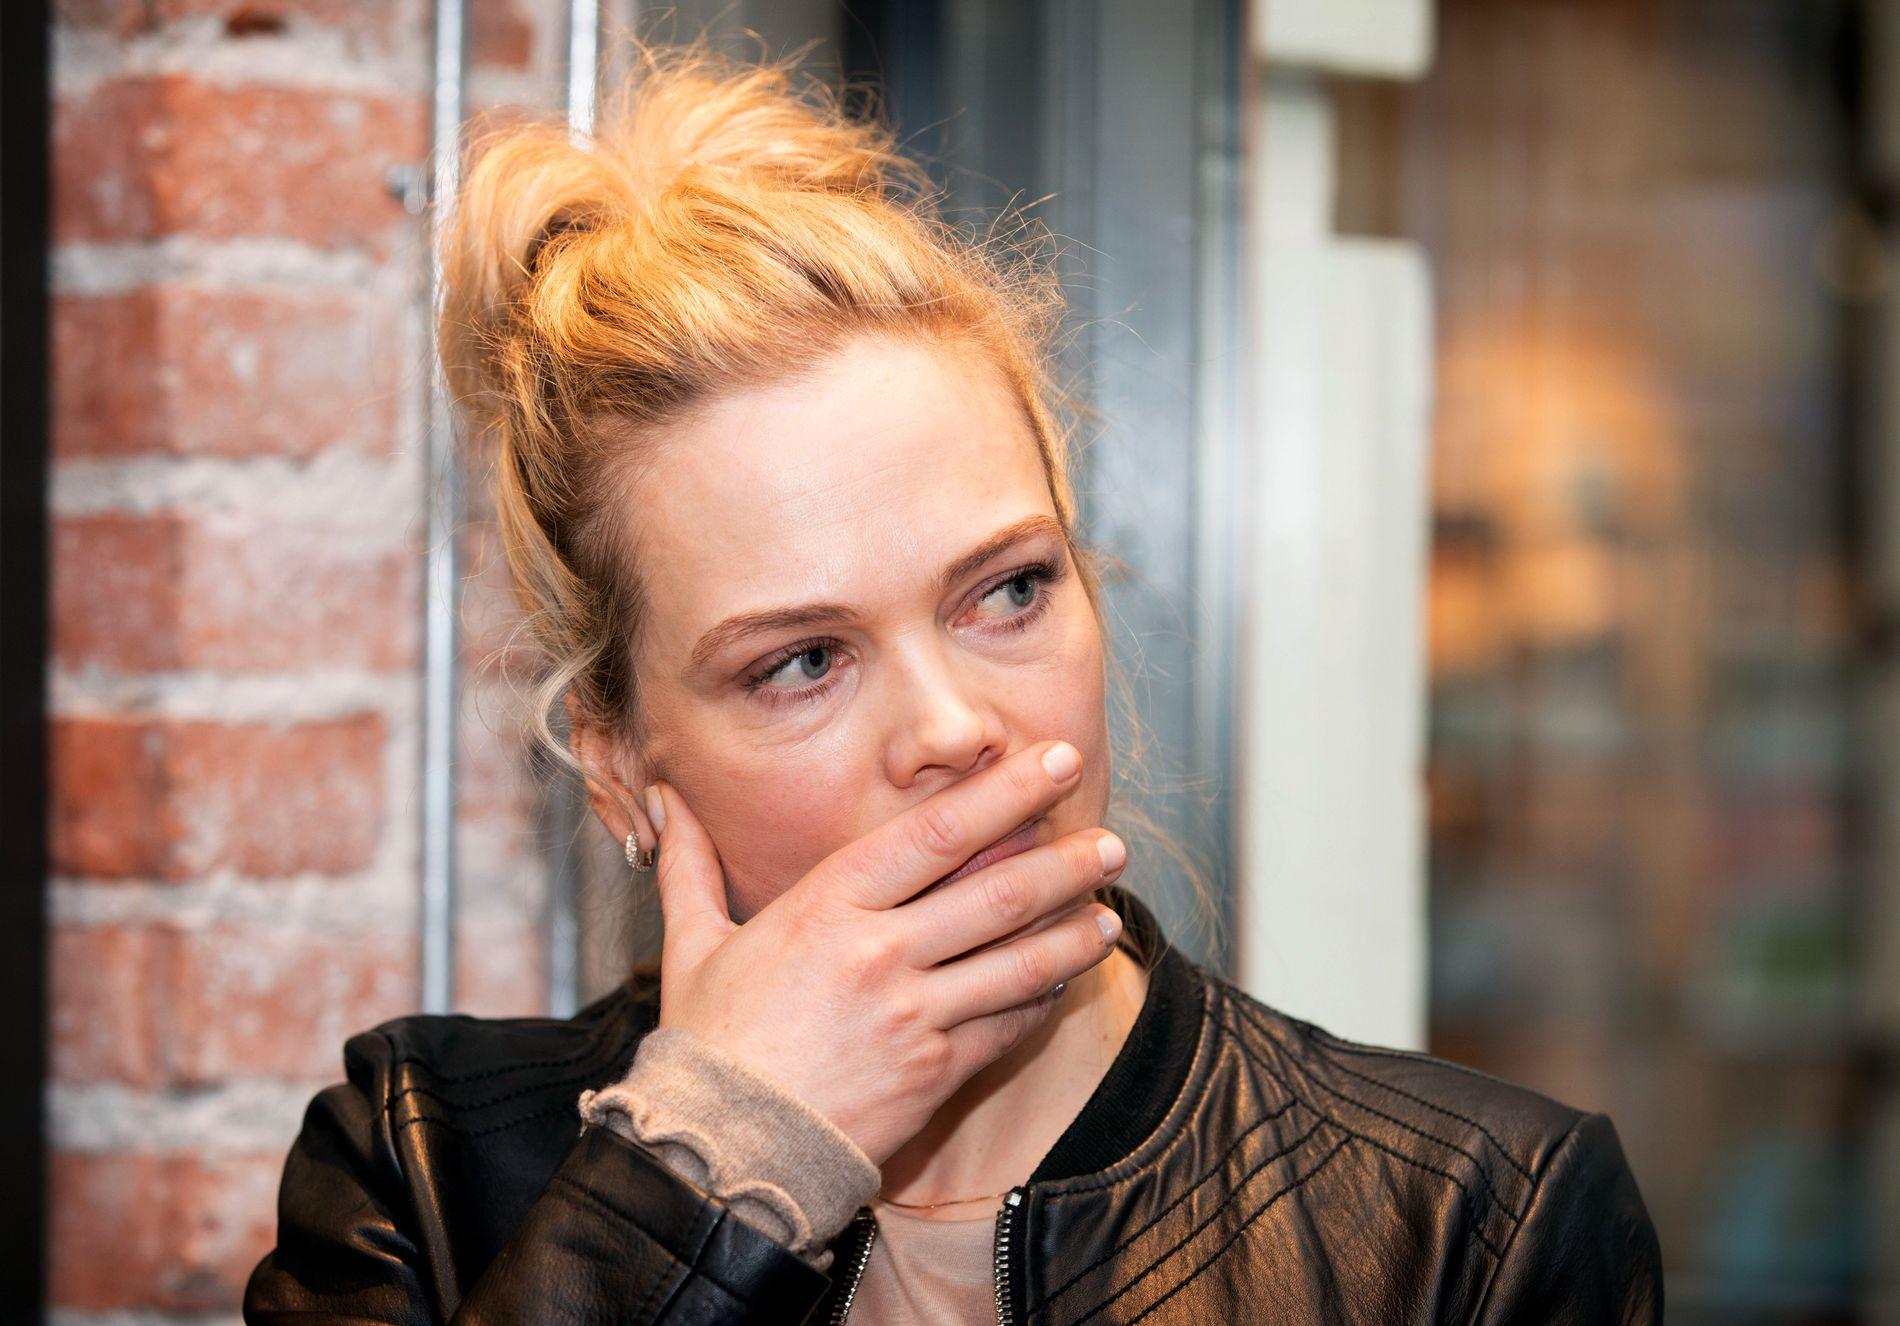 FÅR STØTTE: Skuespiller Ane Dahl Torp mener barn under 13 år ikke er modne nok for sosiale medier.